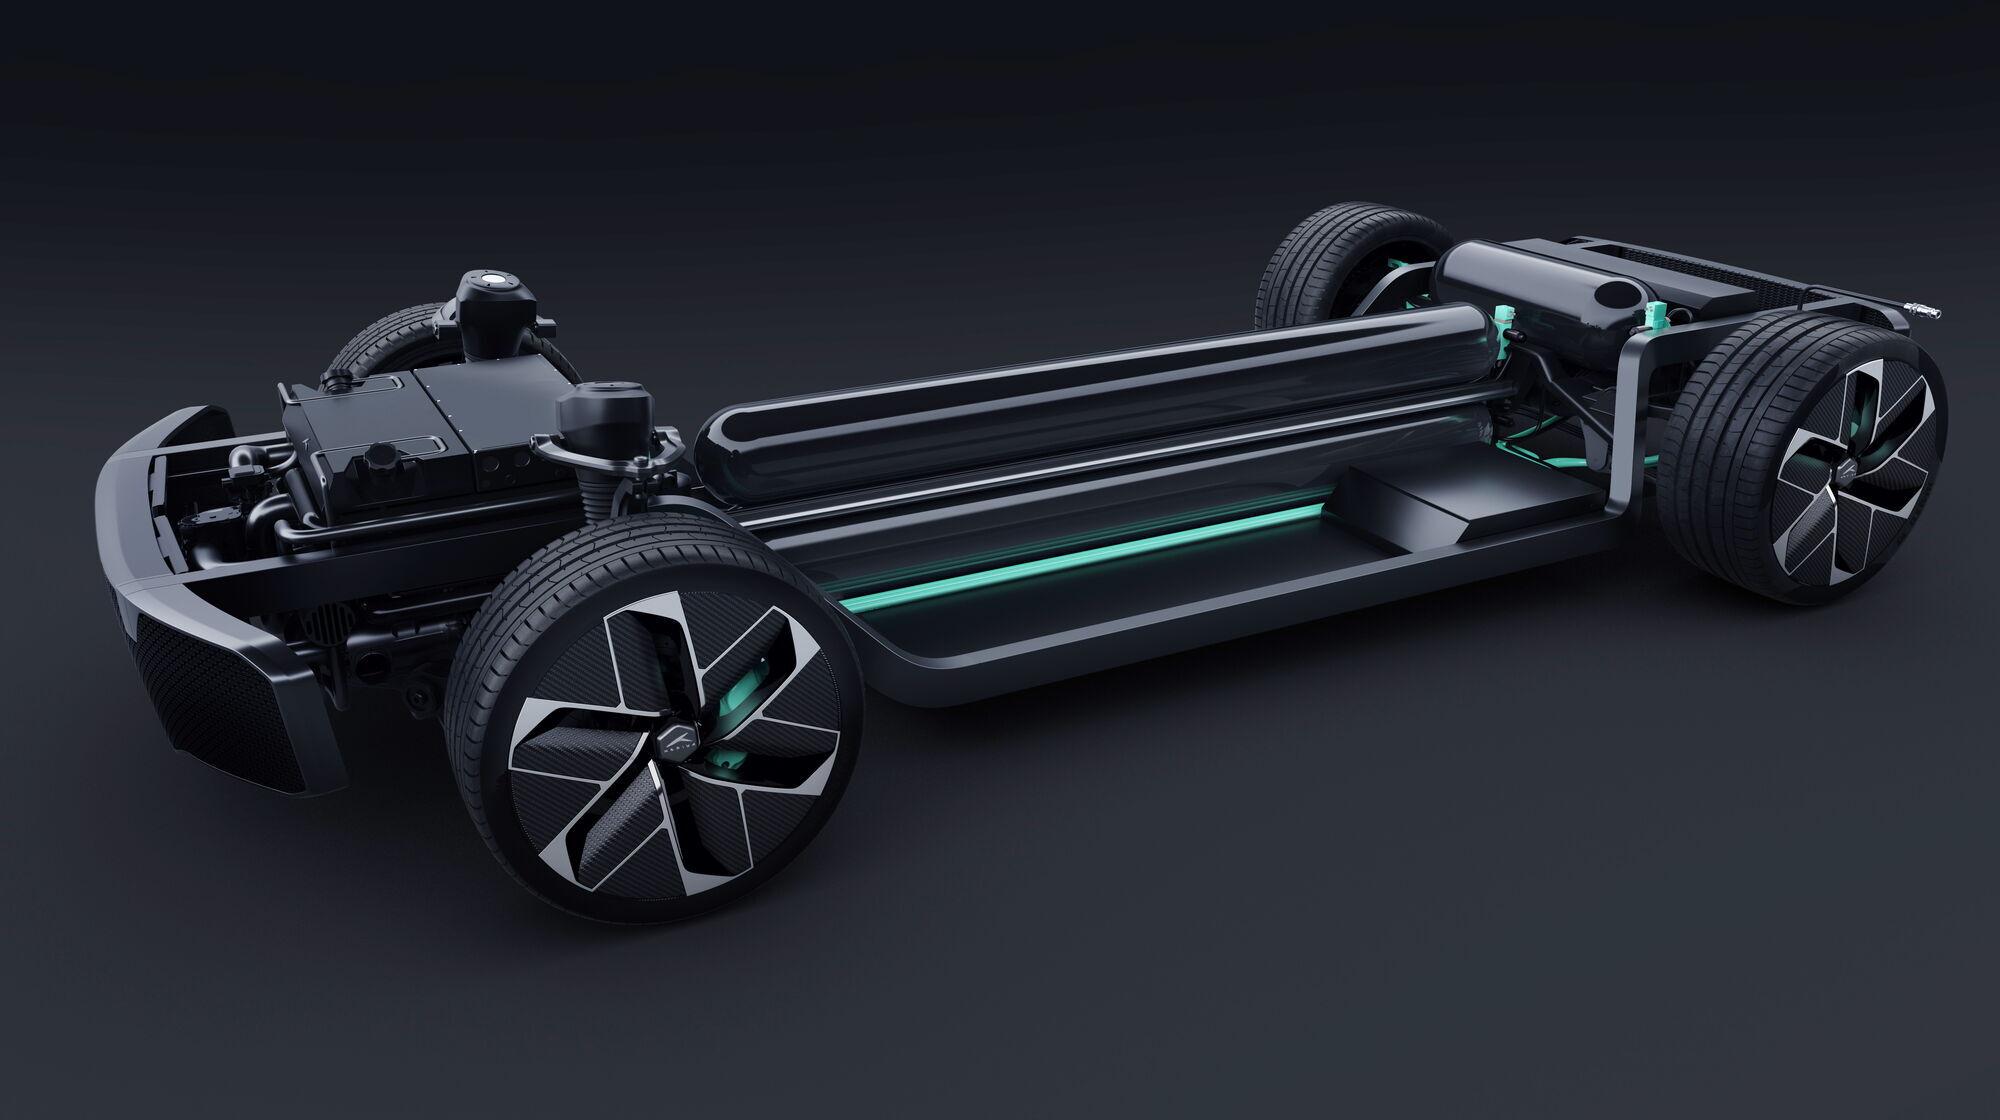 Поставлять баллоны для хранения водорода под давлением 700 бар для будущей серийной модели будет бельгийская компания Plastic Omnium